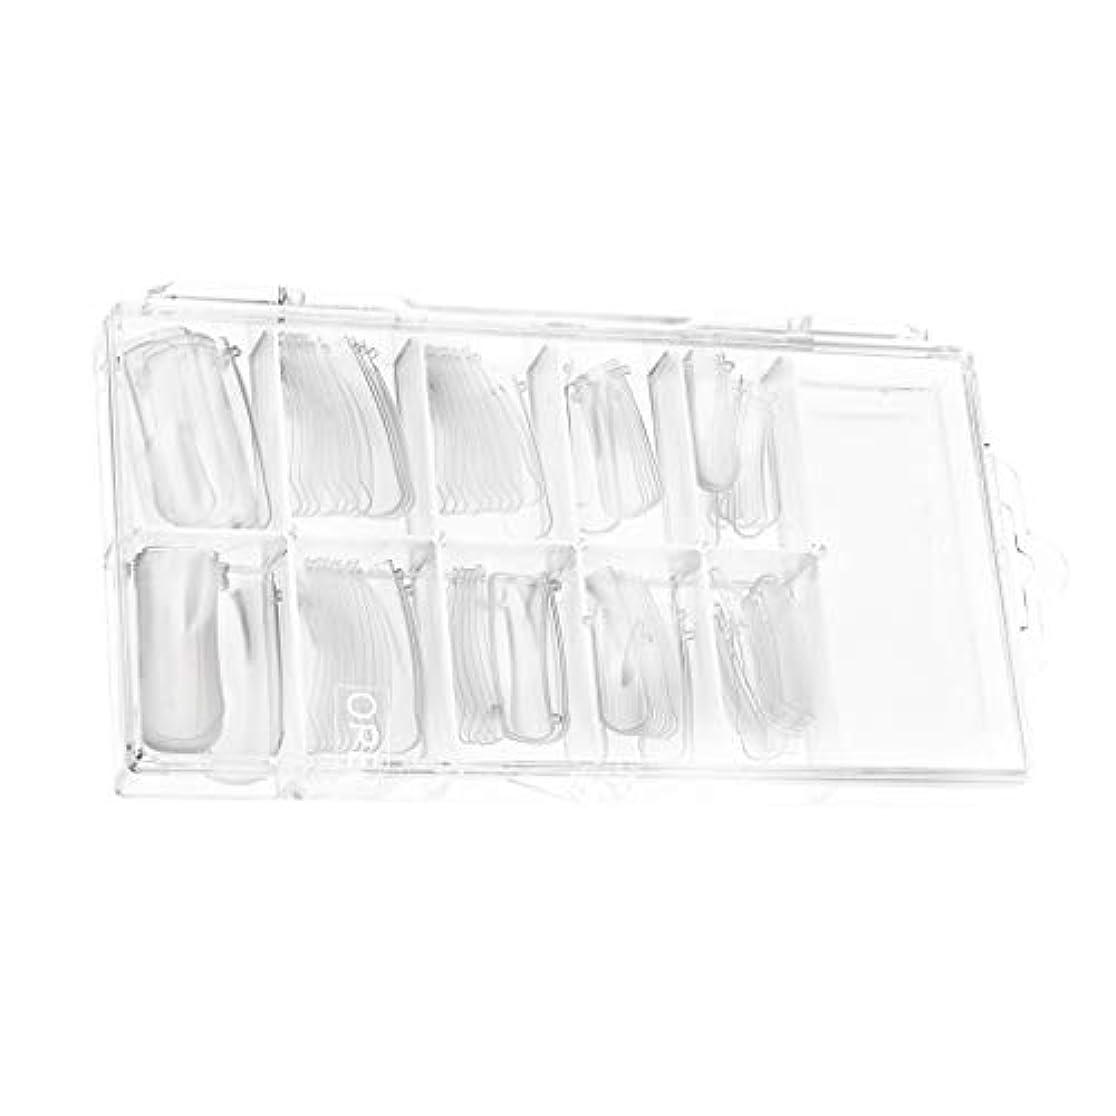 分析的な六分儀ルールたくさん100棺ネイルクリアバレリーナネイルのヒントロングフルカバーアクリルネイル個人用または業務用(クリア)用10サイズ